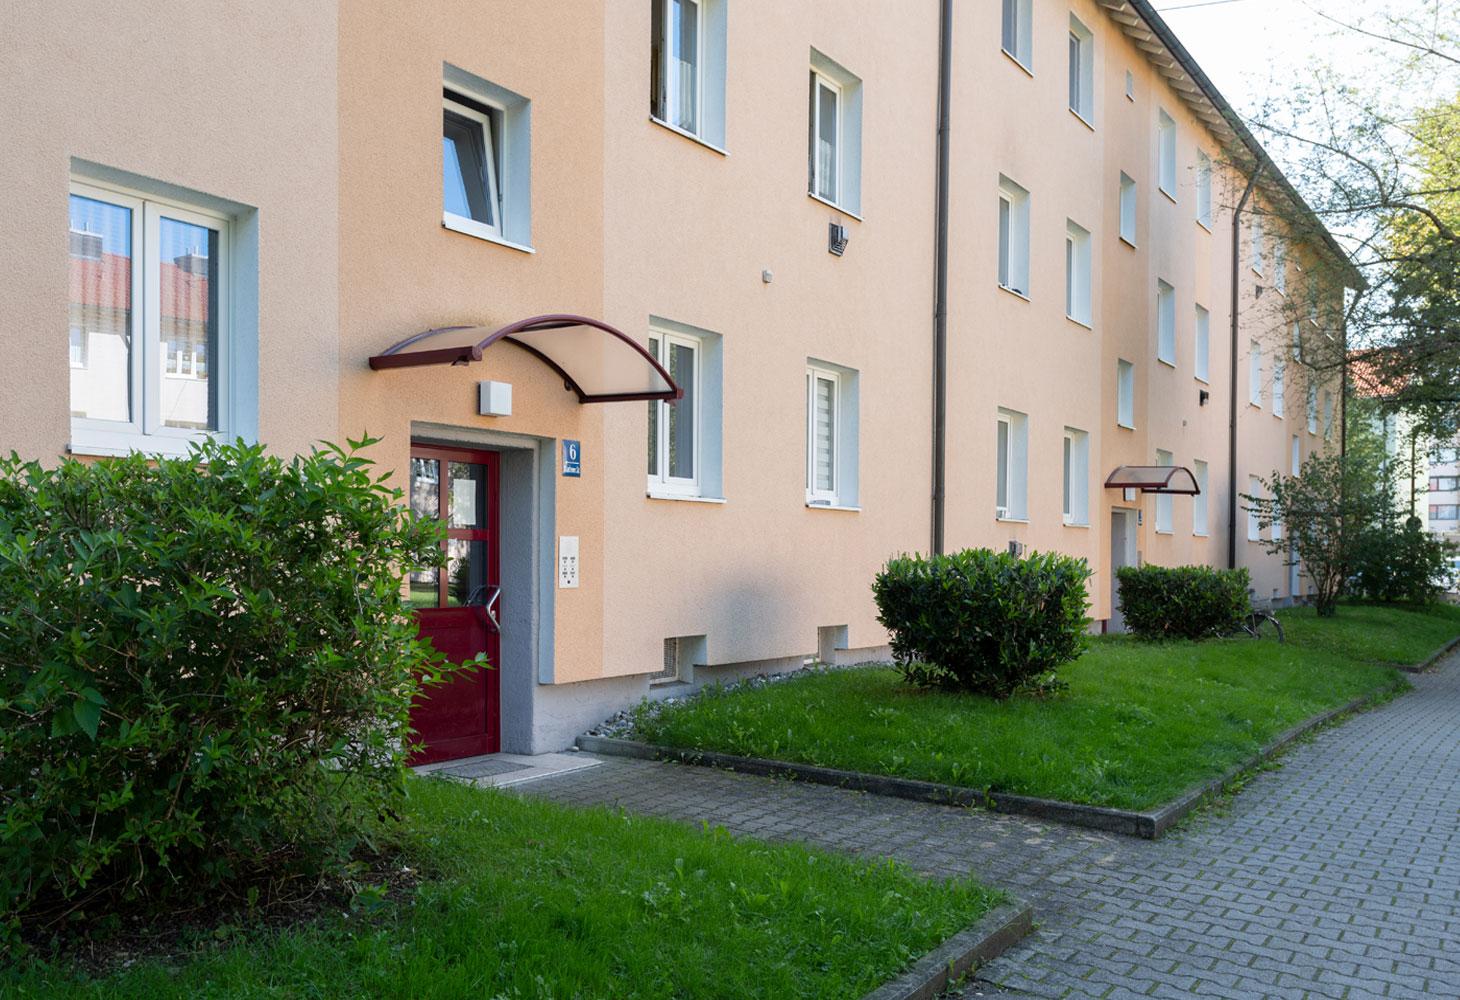 Moosach Hartmannshofen